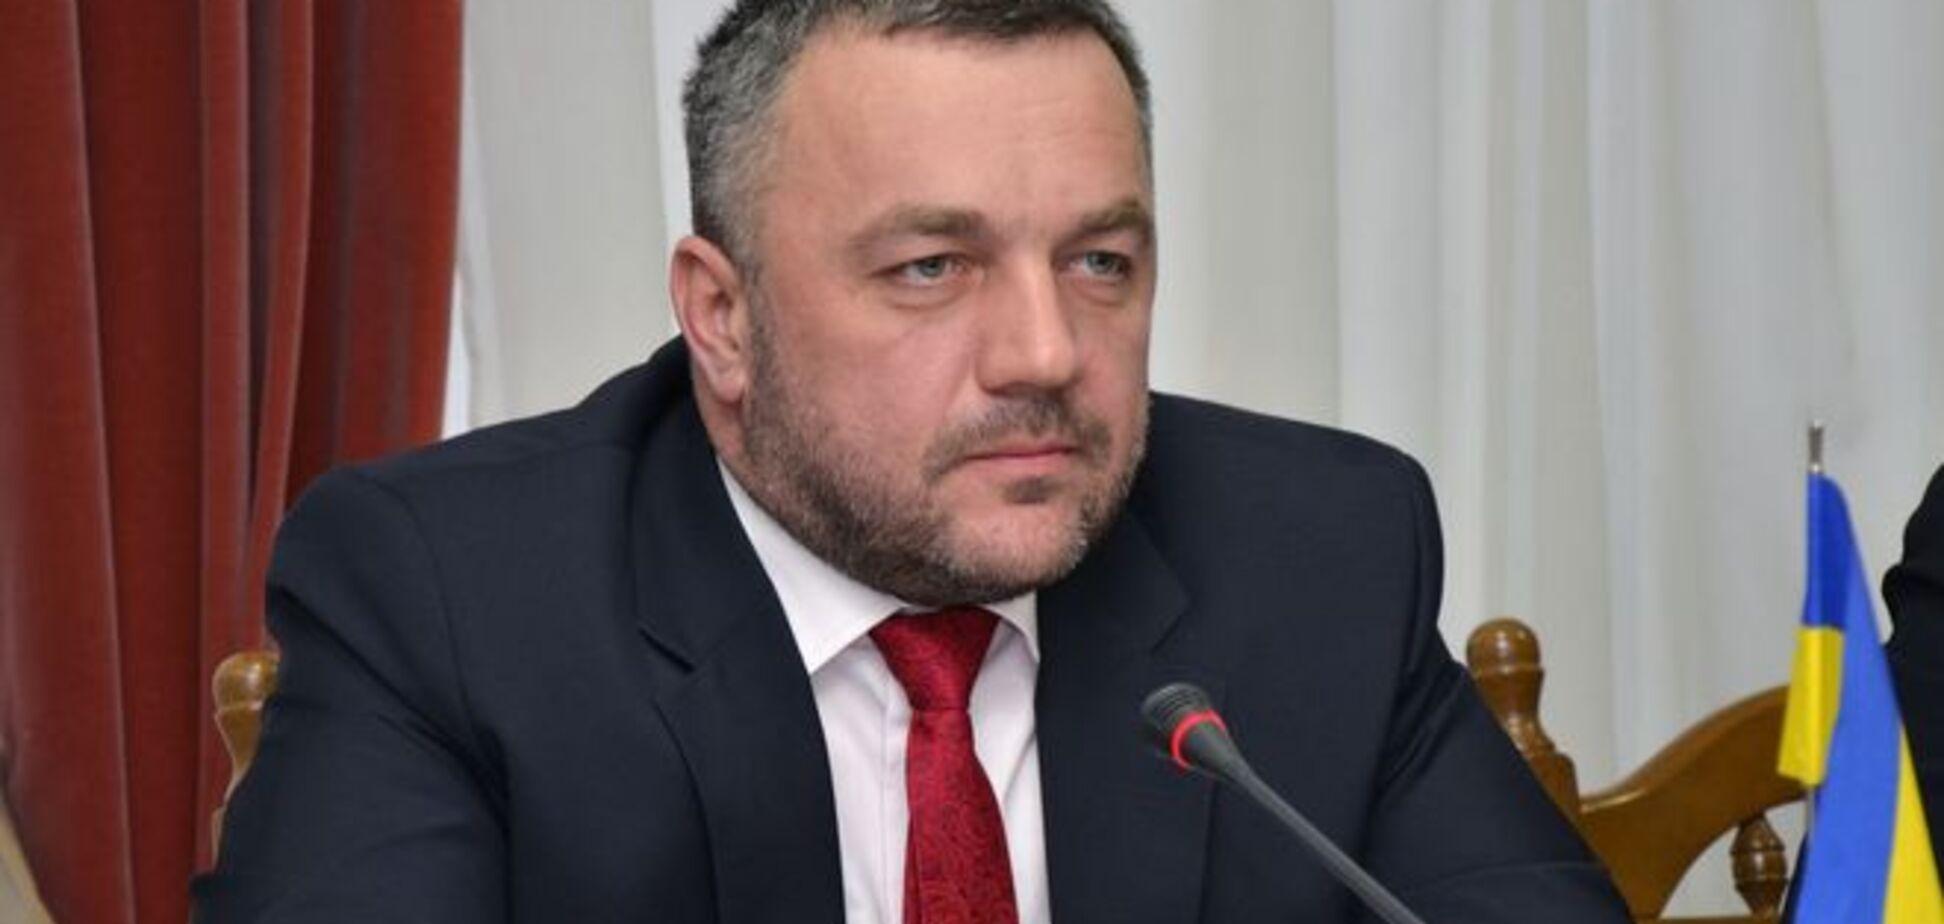 Генпрокуратура открыла уже около тысячи дел по фактам сепаратизма и терроризма